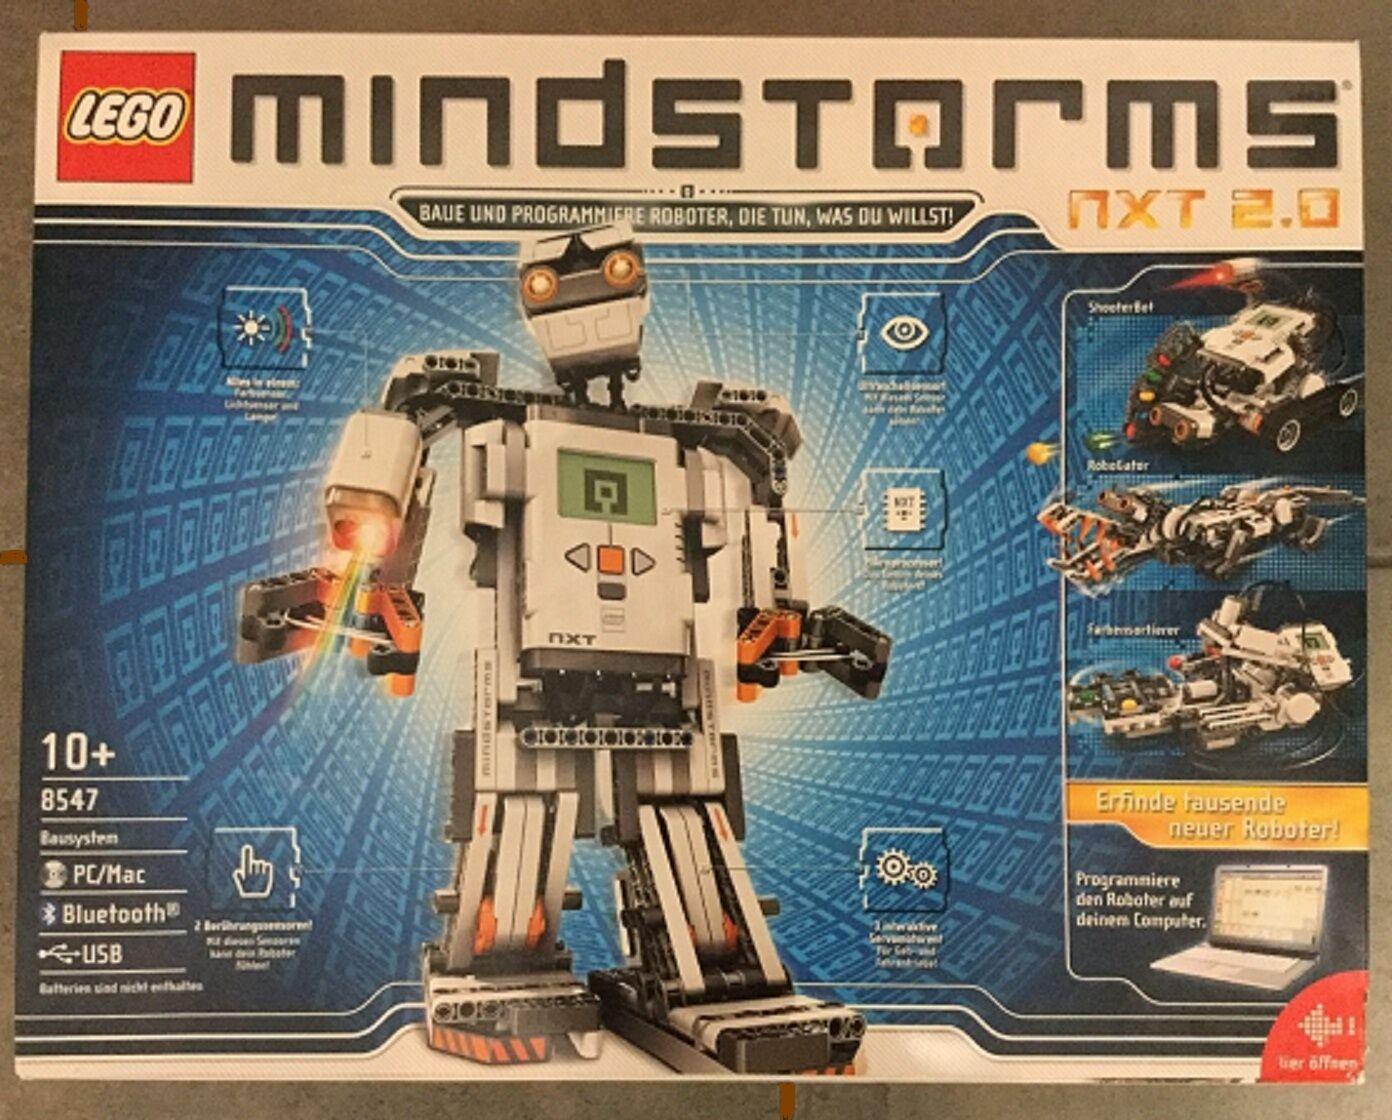 LEGO Mindstorms 8547 2 generazione Mindstorms NXT 2.0 con imballo originale